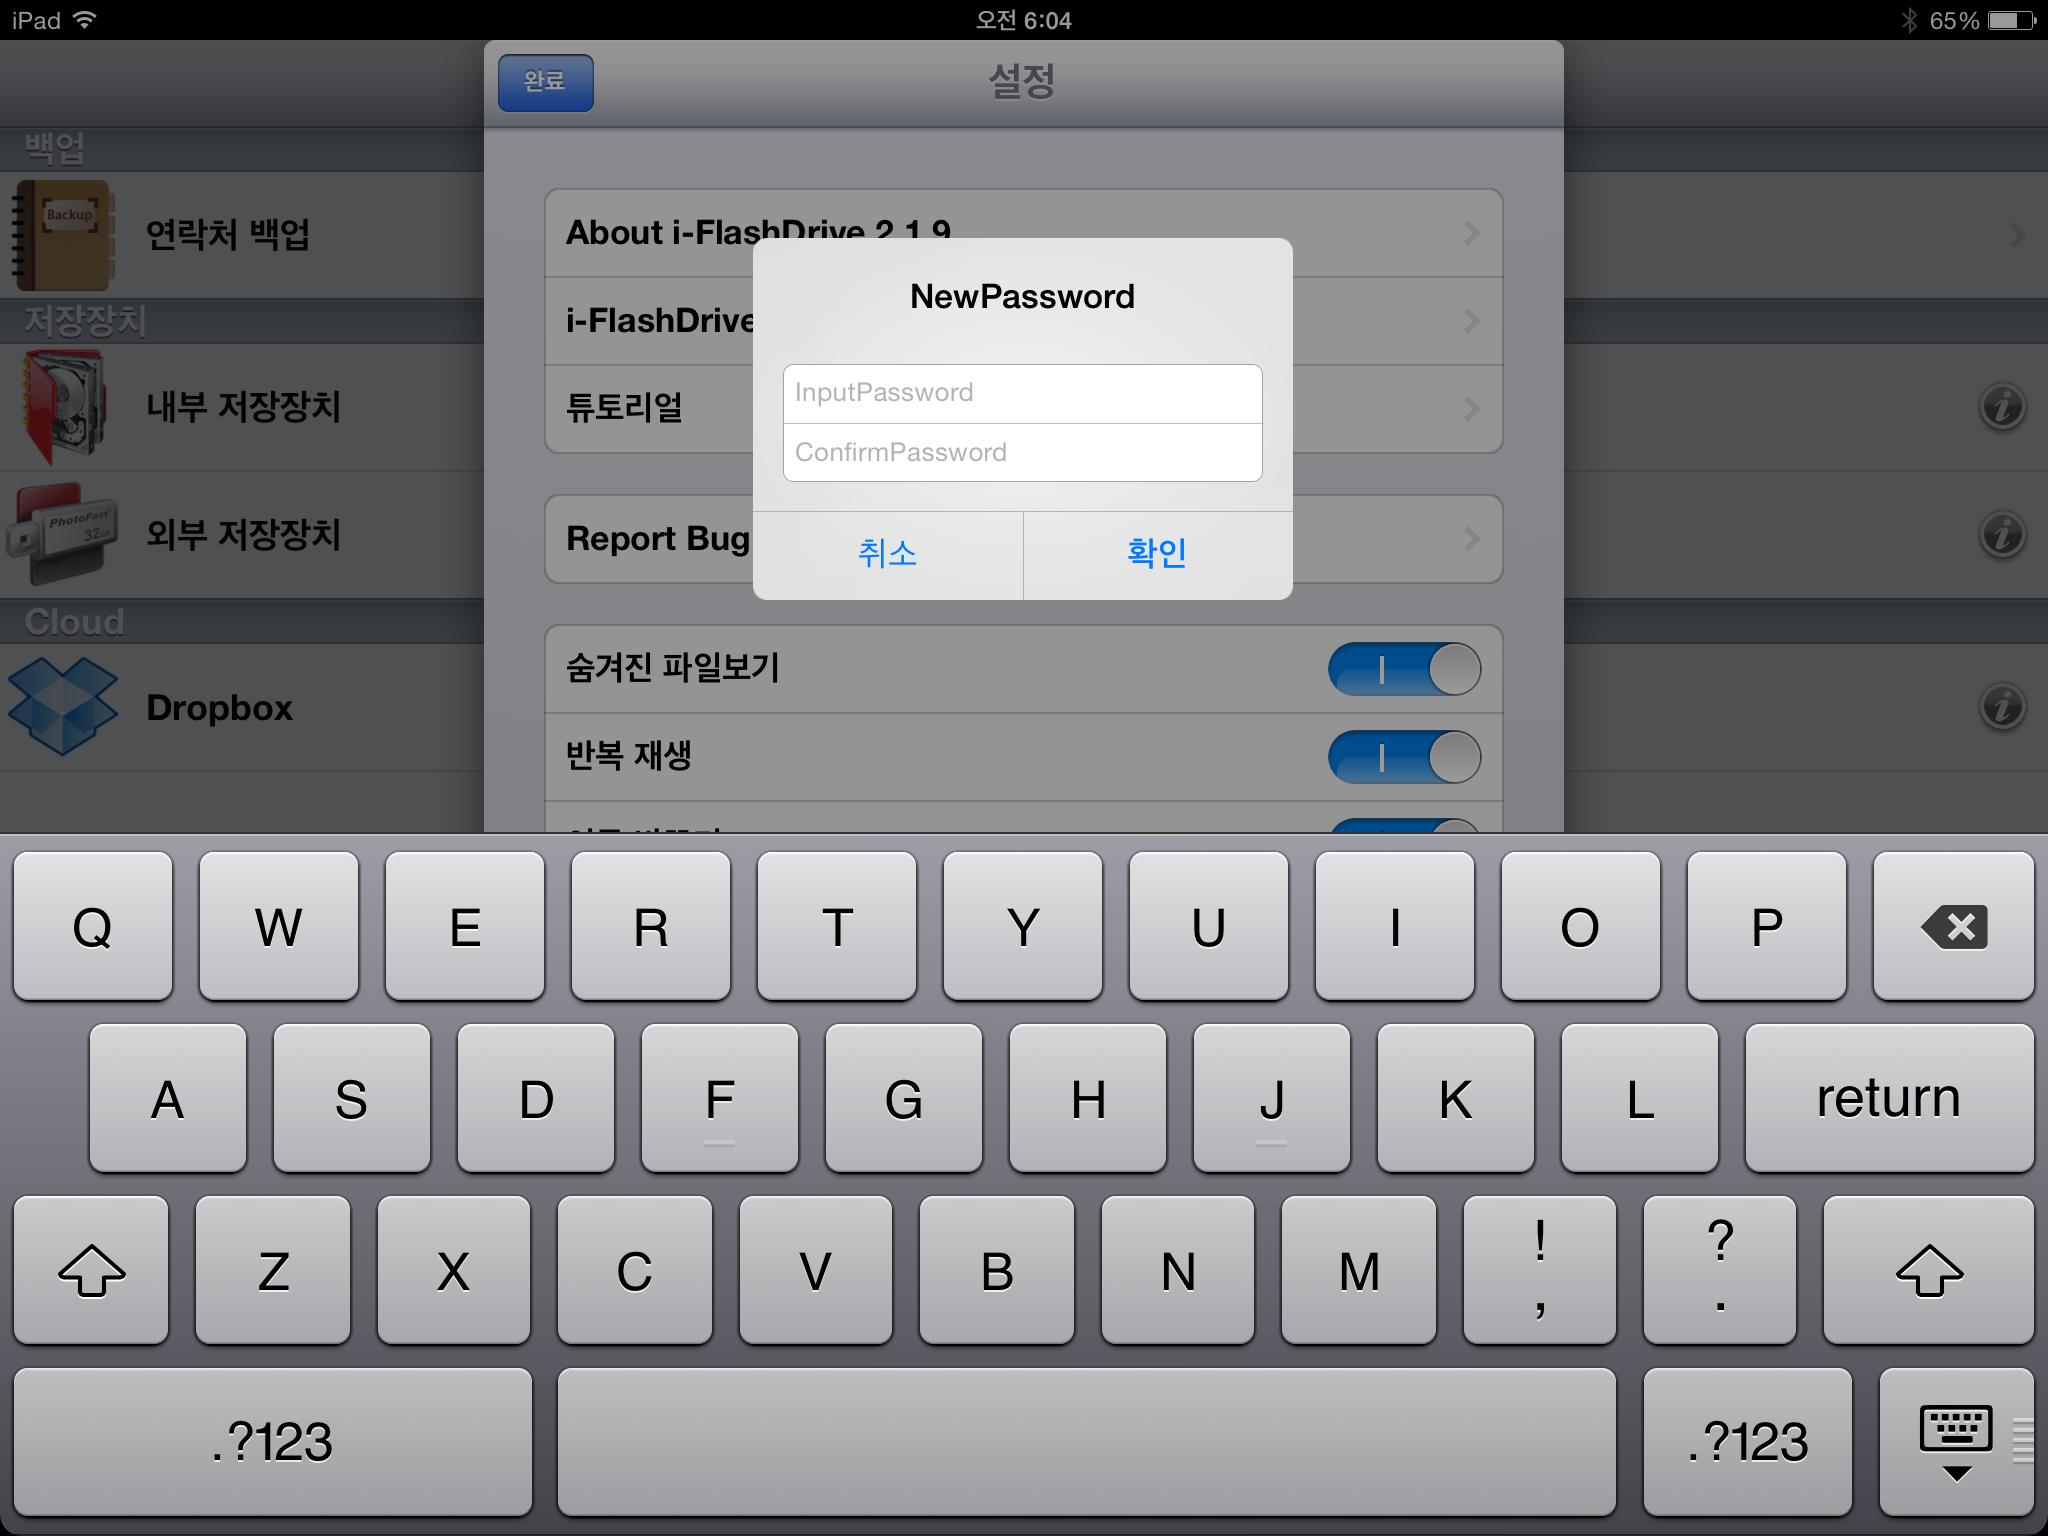 애플 iOS용 & 안드로이드 USB OTG 피노컴 I-FLASHDRIVE 애플OTG 안드로이드OTG -37-4.PNG